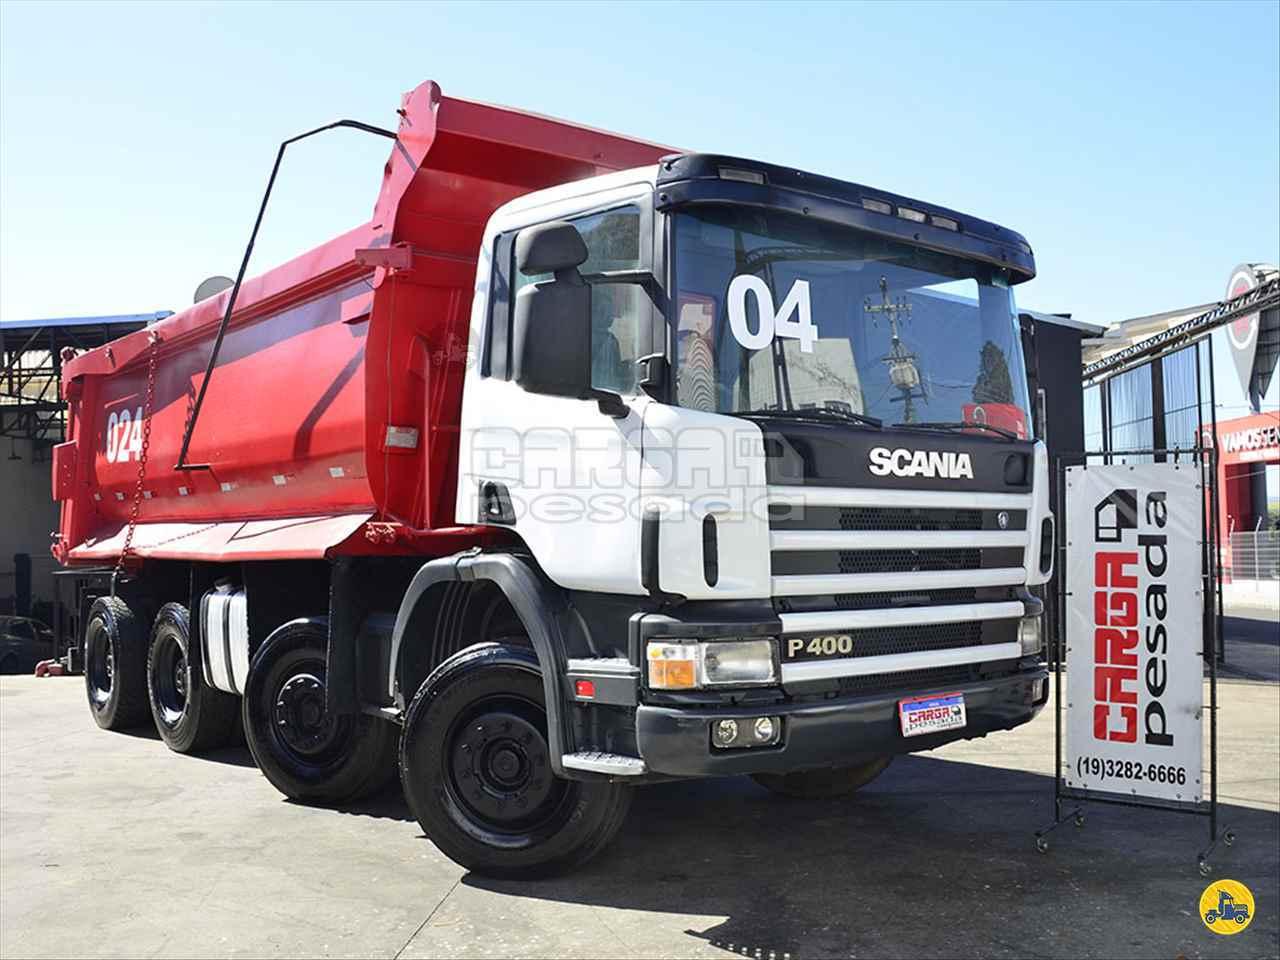 CAMINHAO SCANIA SCANIA 124 400 Caçamba Basculante BiTruck 8x4 Carga Pesada Caminhões SAO PAULO SÃO PAULO SP